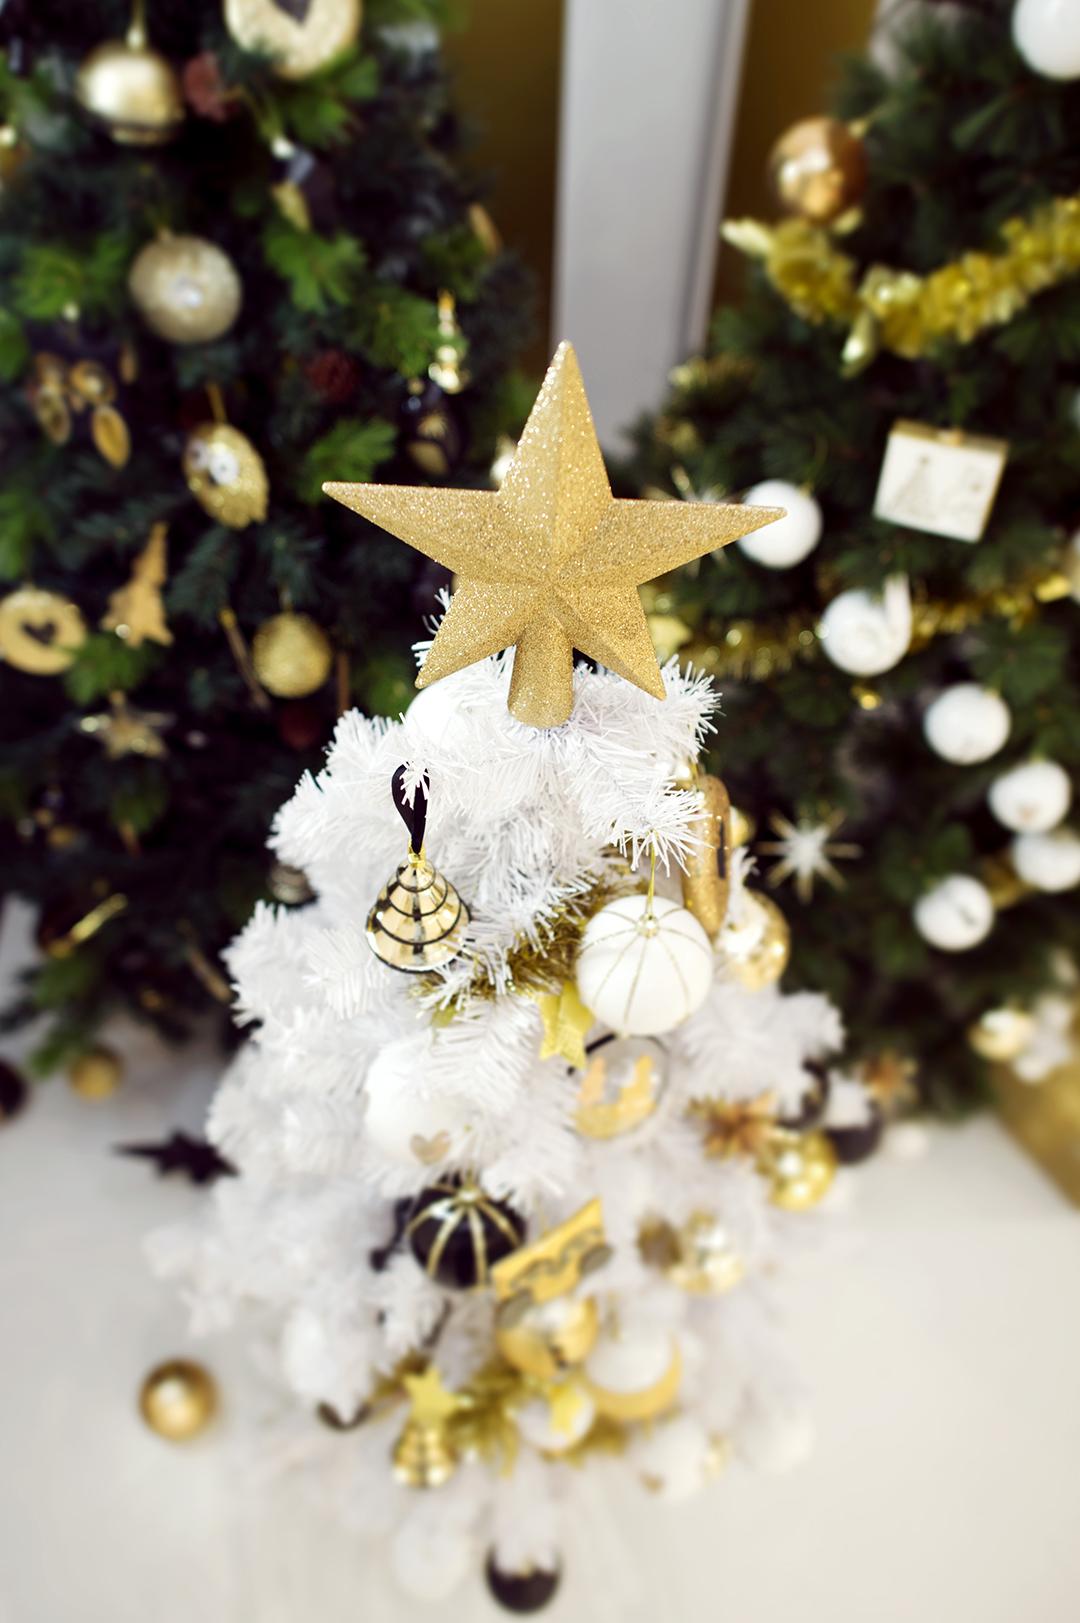 petit sapin de no l blanc neige avec d corations en or et noir no l 2015 pinterest christmas. Black Bedroom Furniture Sets. Home Design Ideas